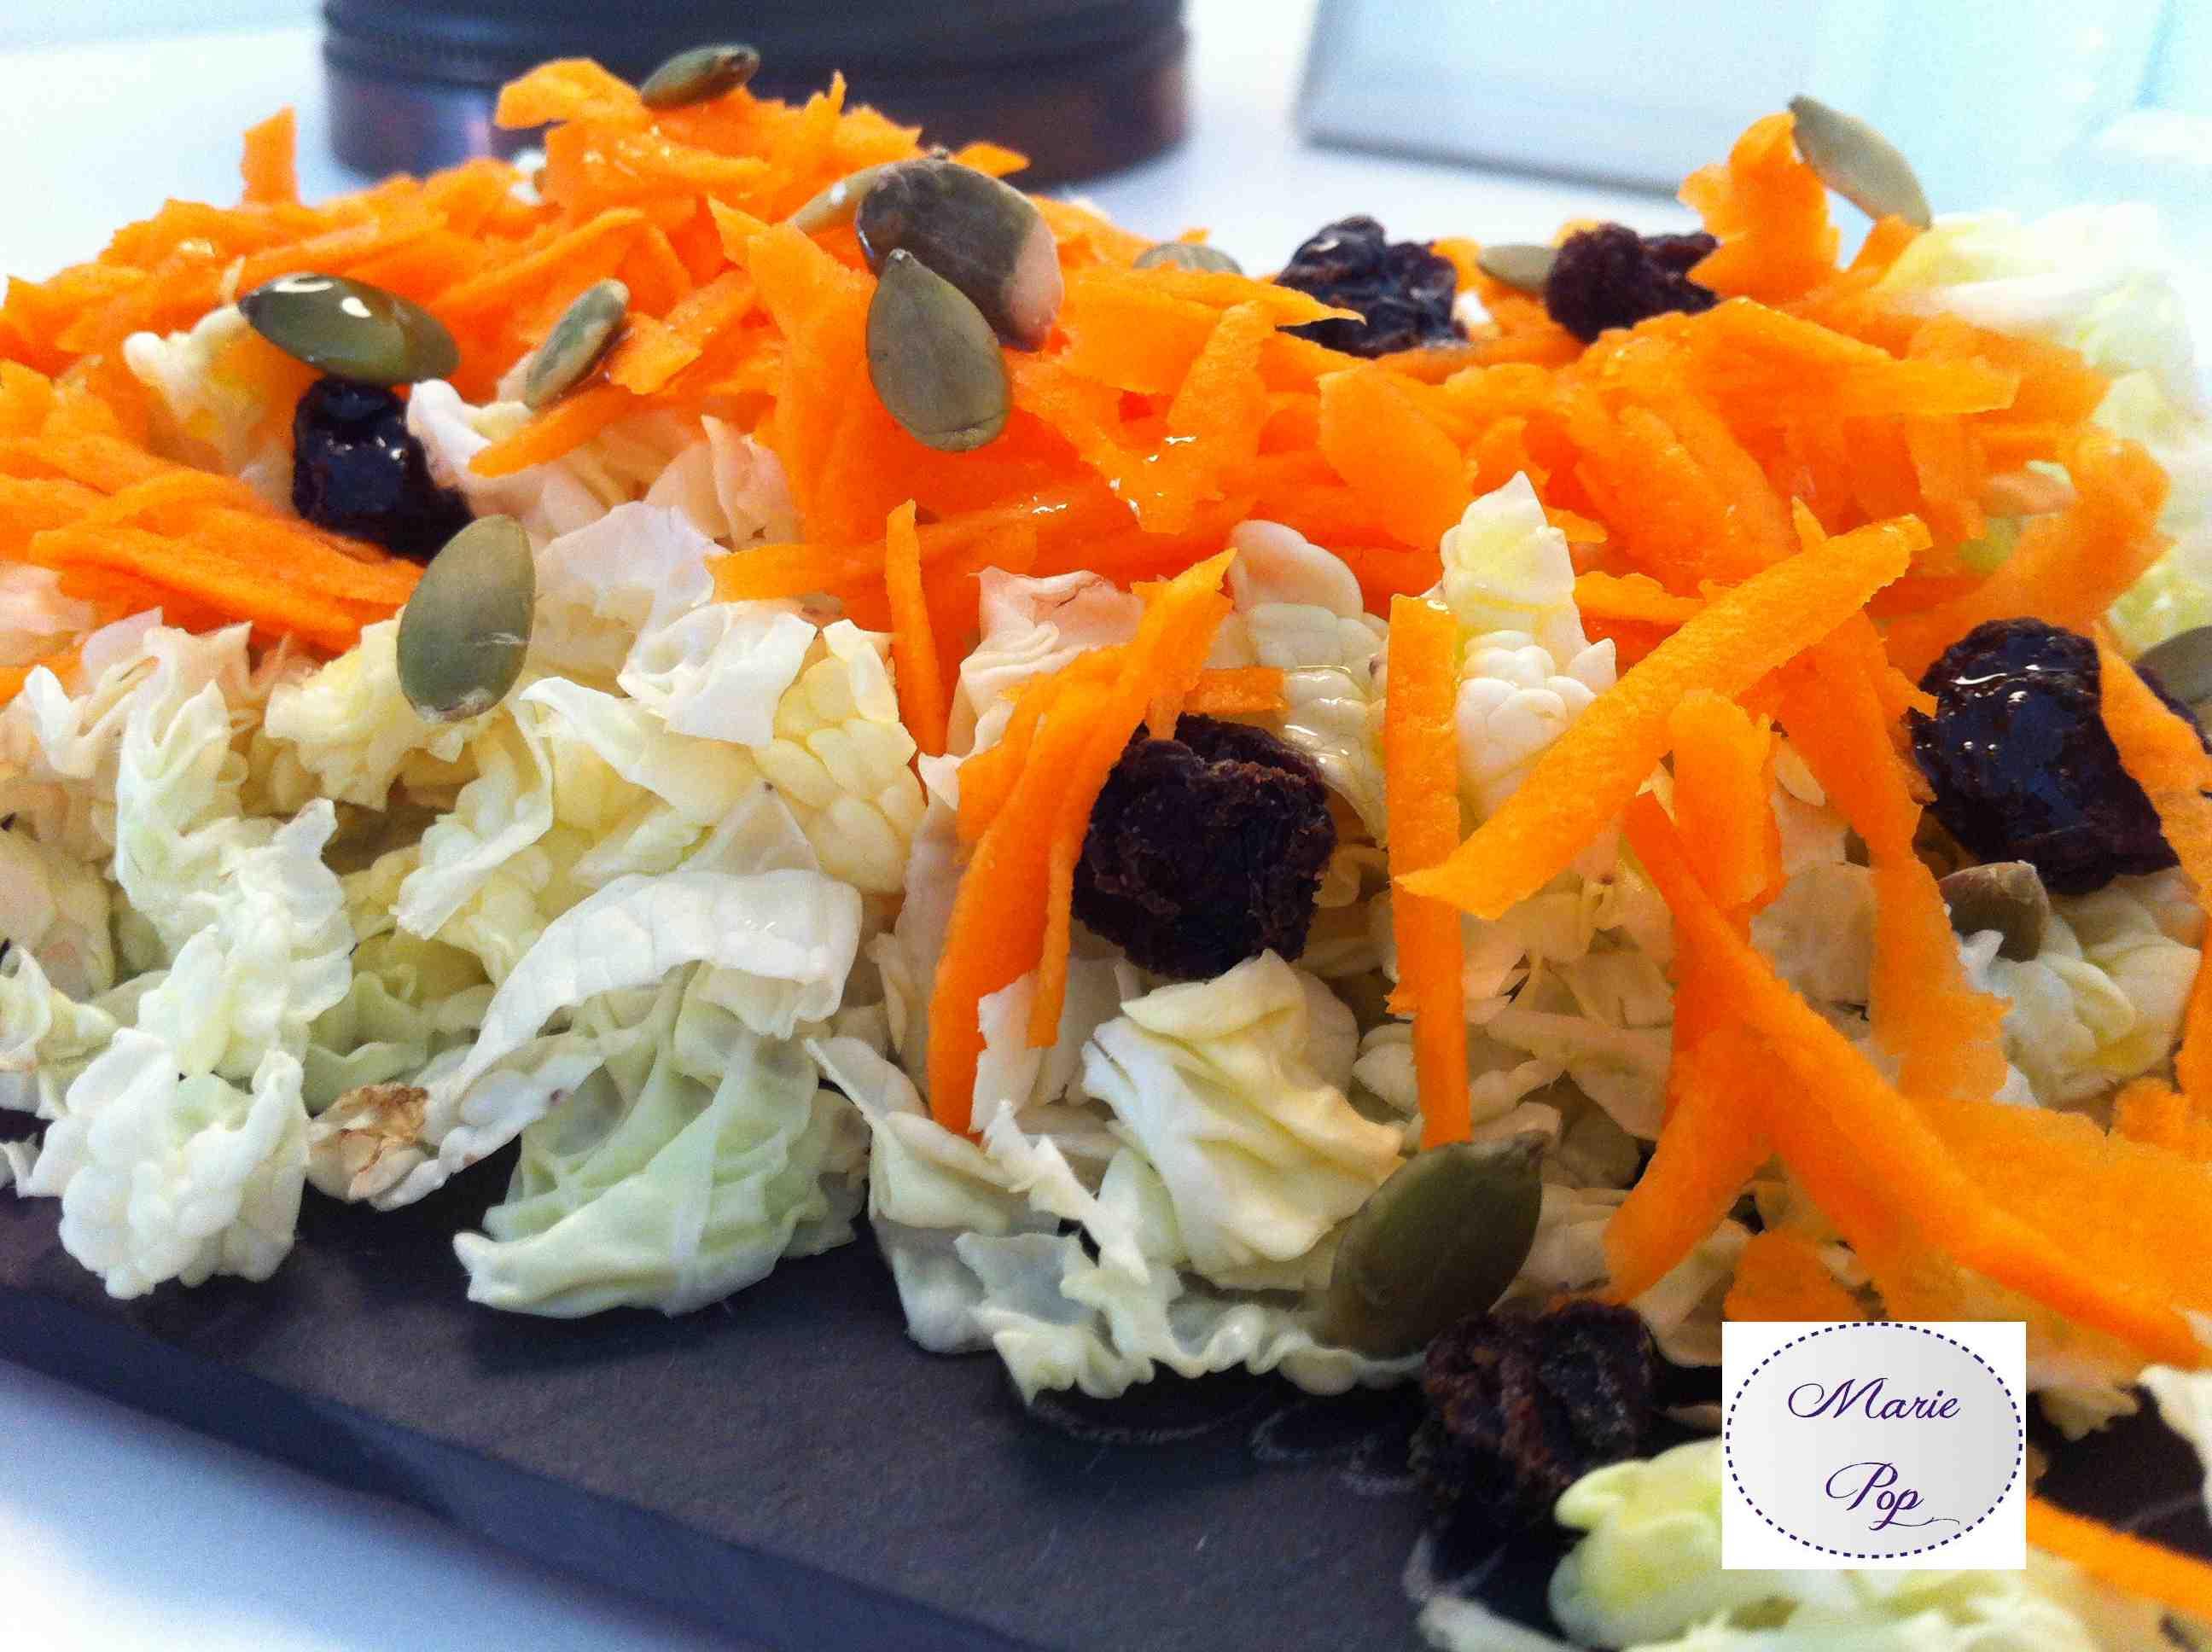 Salade de chou chinois, carottes et petits trésors - ma recette fraîche !